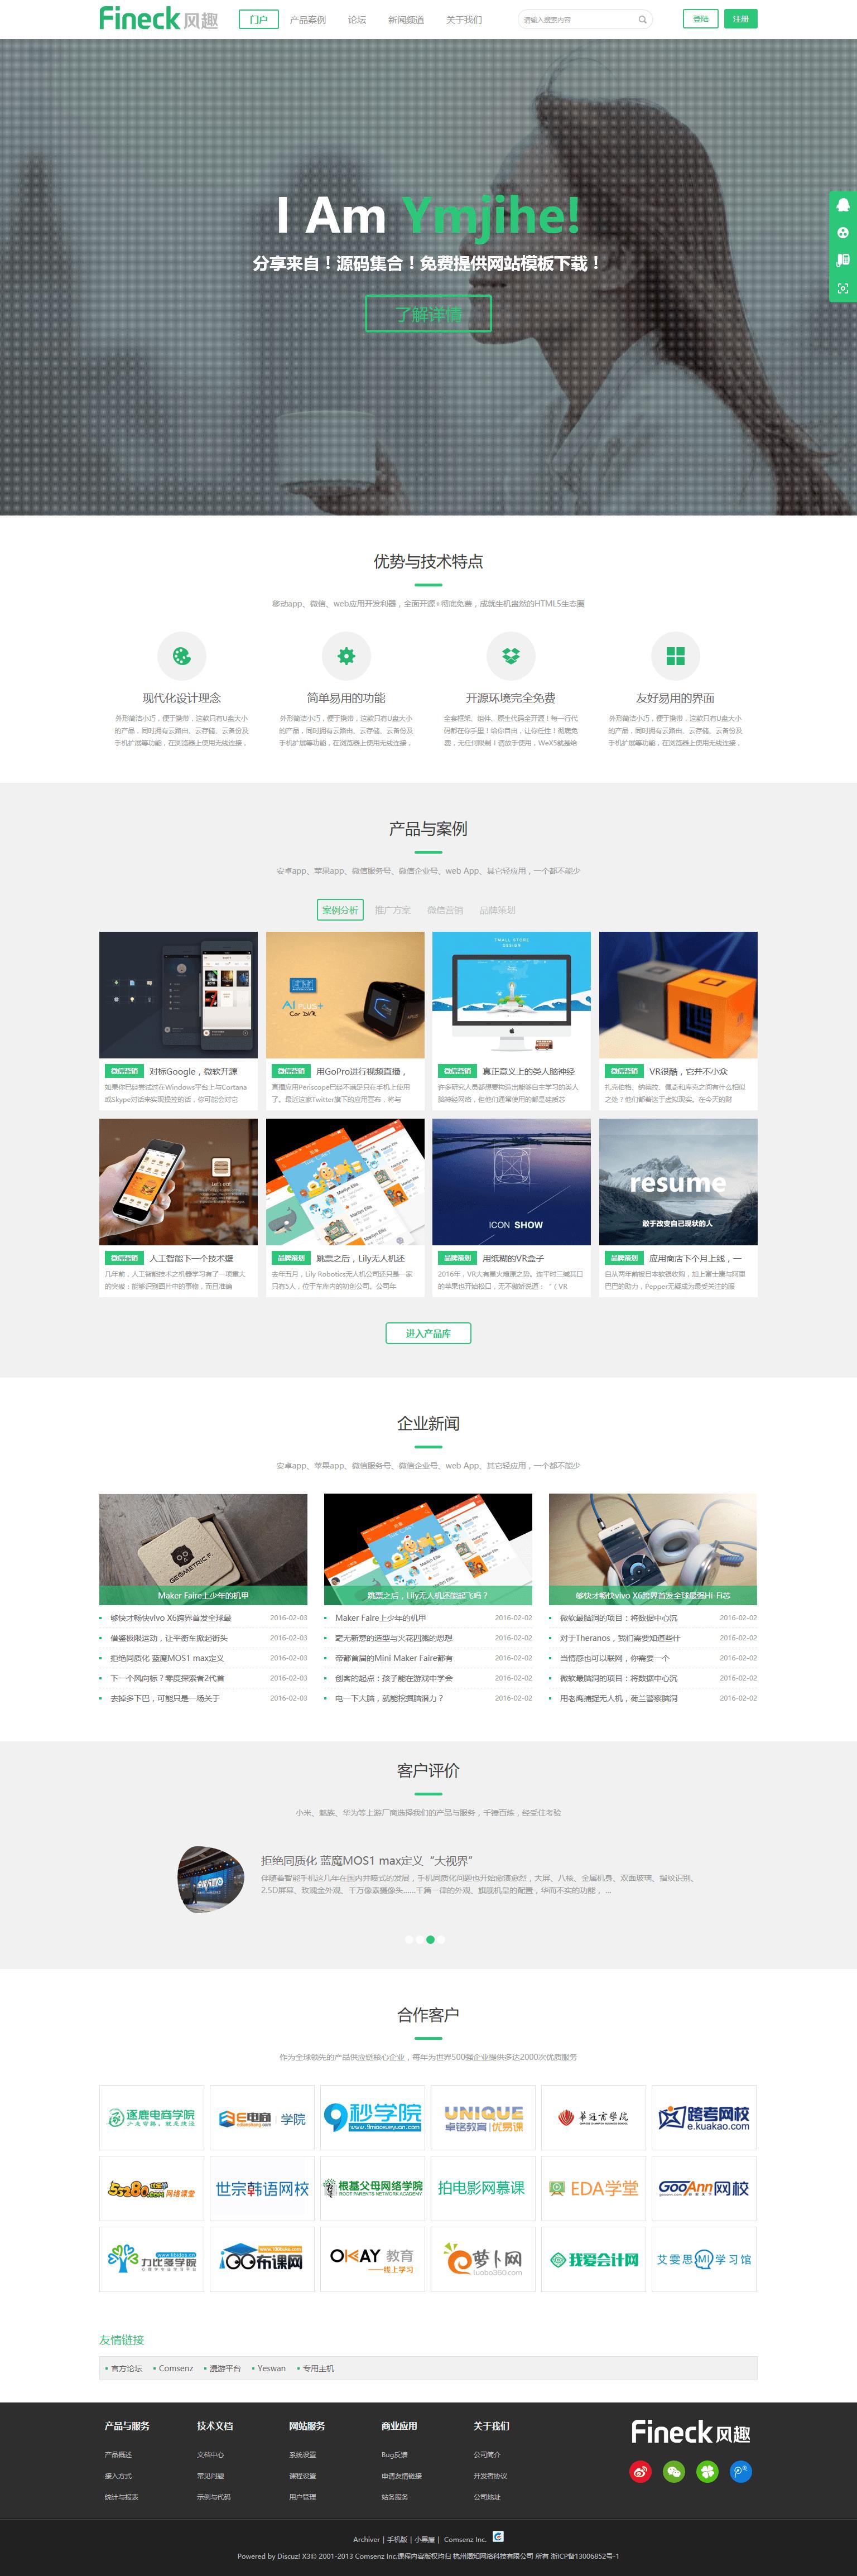 Discuz企业扁平时尚的公司企业网站模板